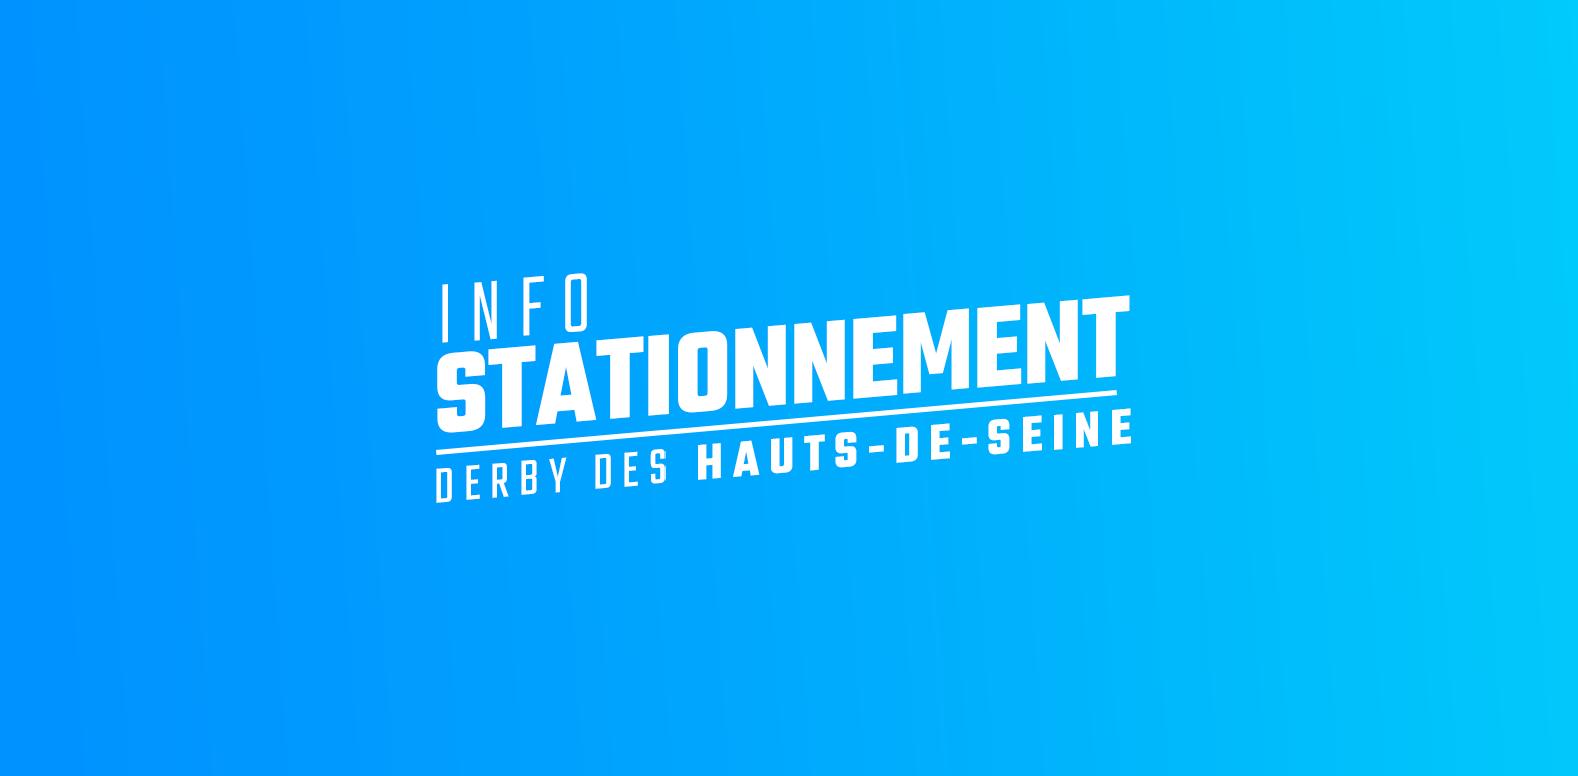 Information stationnement derby des hauts de seine - Piscine palais des sports nanterre ...